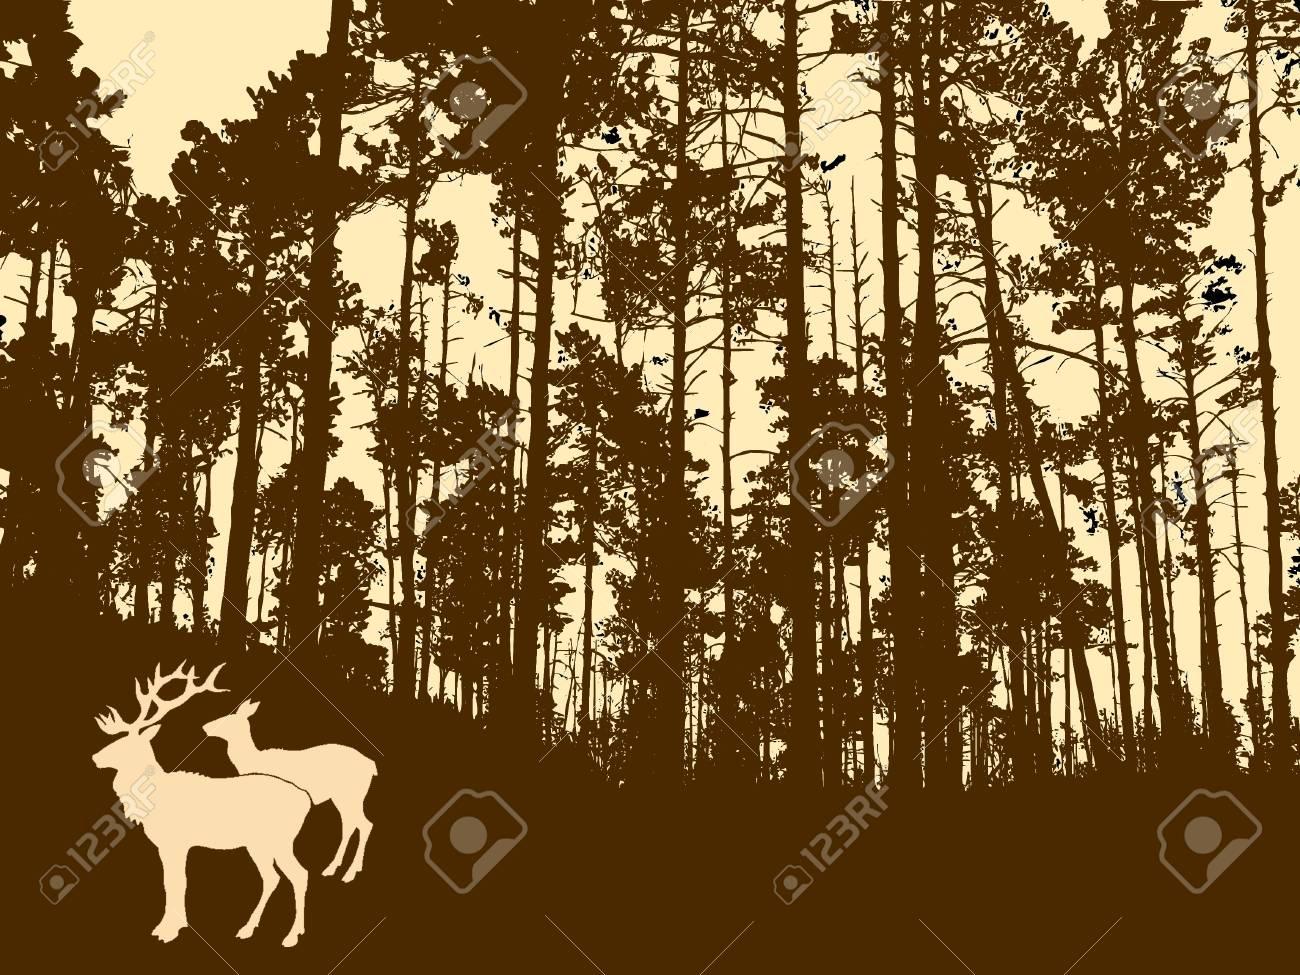 silueta de los venados en madera gruesa  Foto de archivo - 7656906